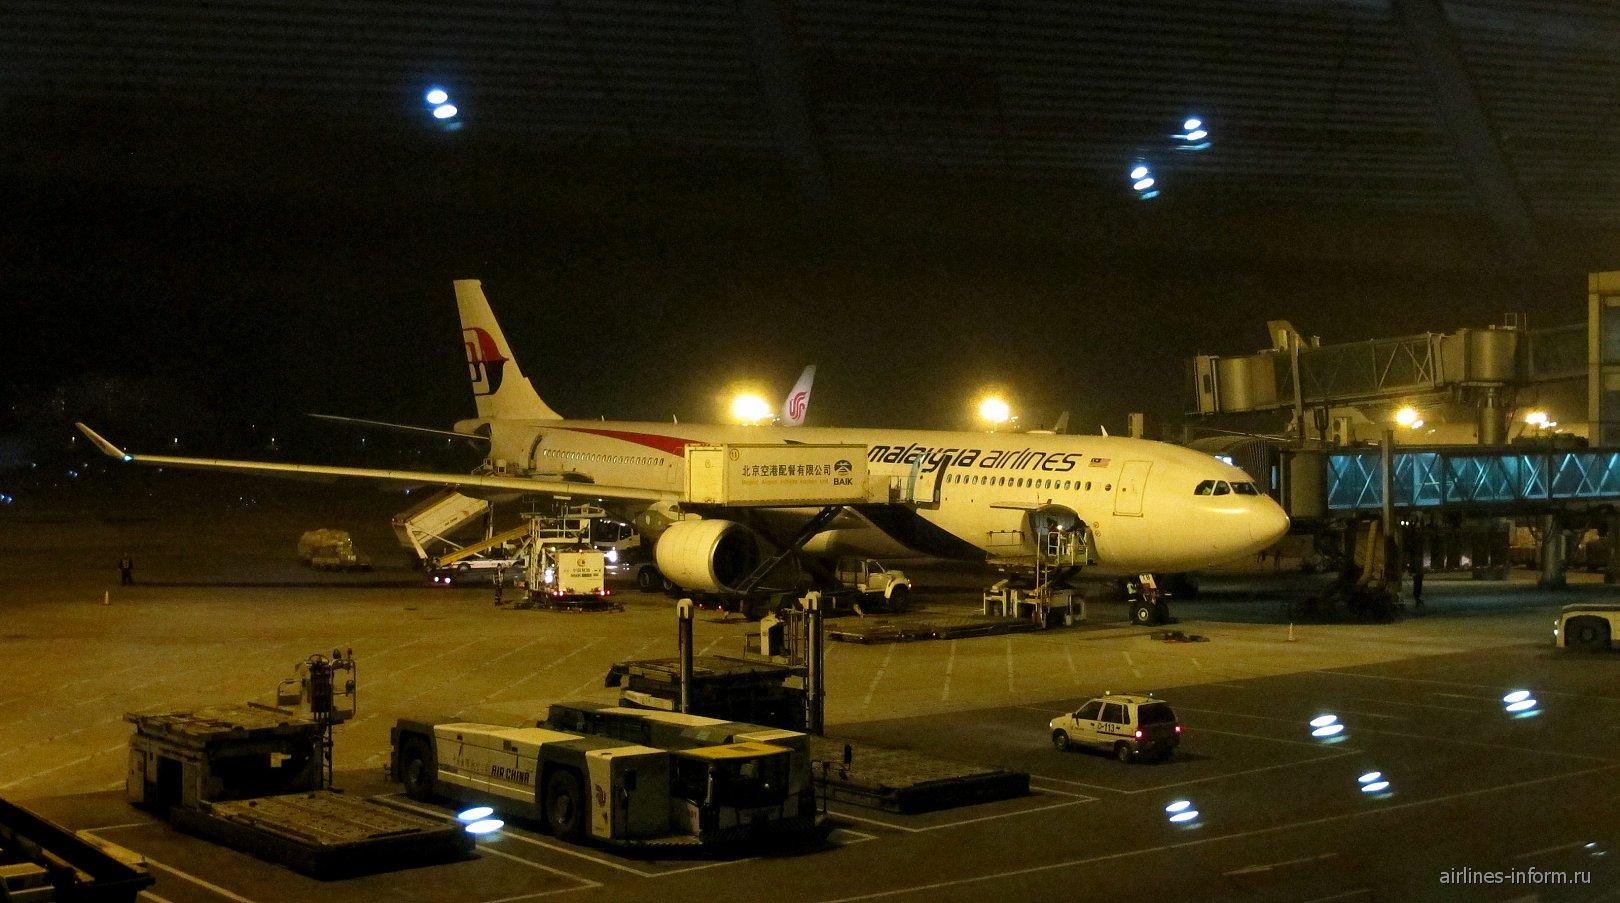 Открывая Малайзийские авиалинии, часть III–1: Национальный перевозчик Малайзии: Malaysia Airlines. Три столицы: из Пекина в Катманду через Куала-Лумпур. Airbus A330-300. Бизнес класс.